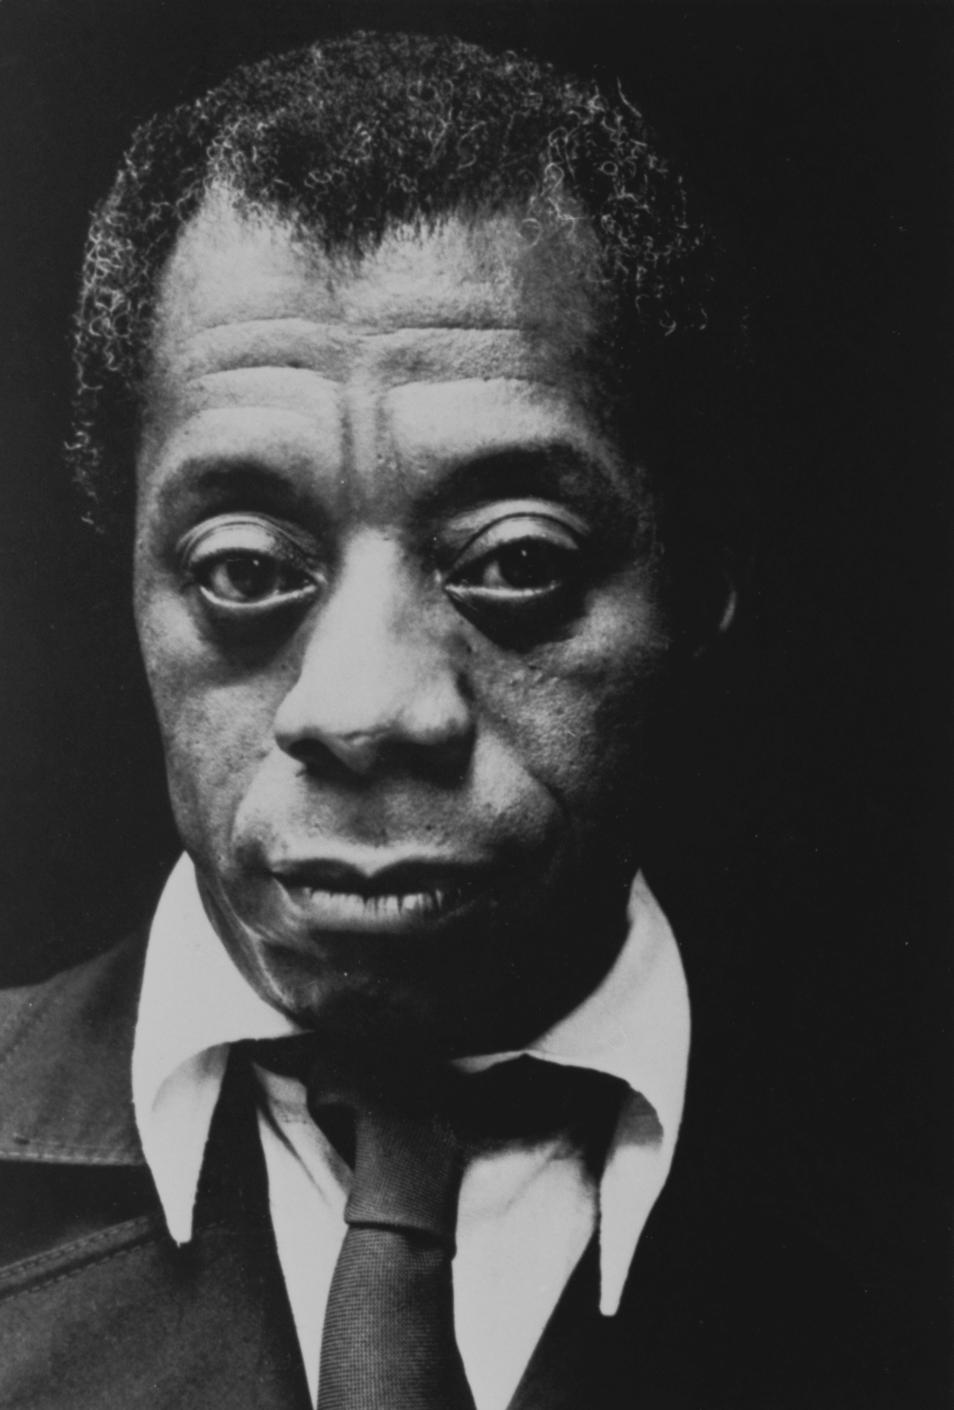 James Baldwin, novelist, essayist, playwright, cultural theorist